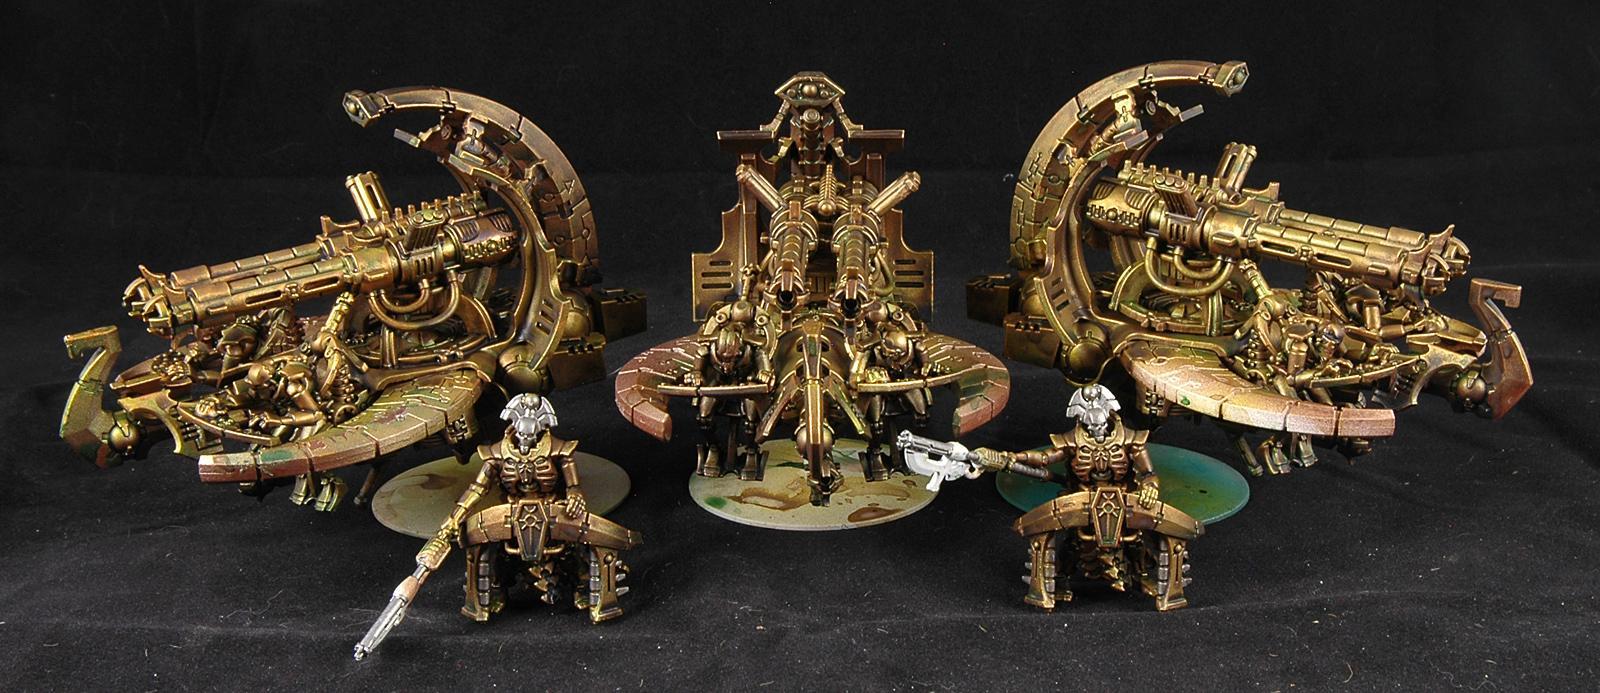 Barge, Necrons, Warhammer 40,000, Work In Progress